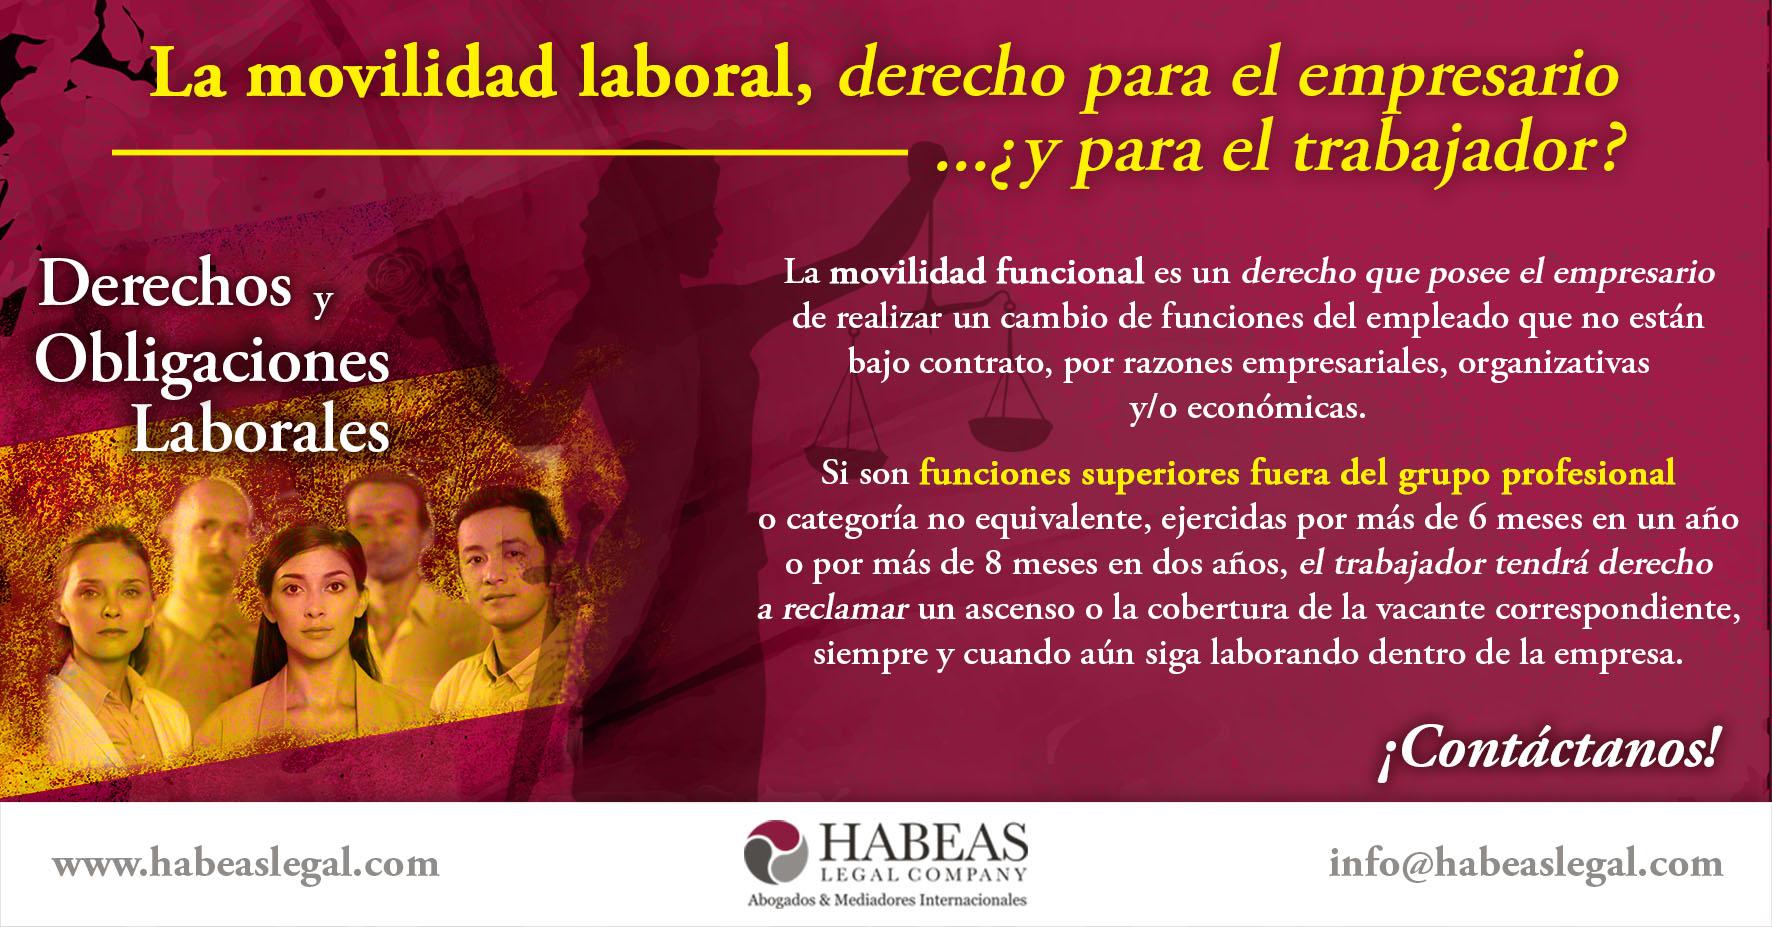 Movilidad Laboral Habeas Legal - ¿Sabes qué es la movilidad funcional?